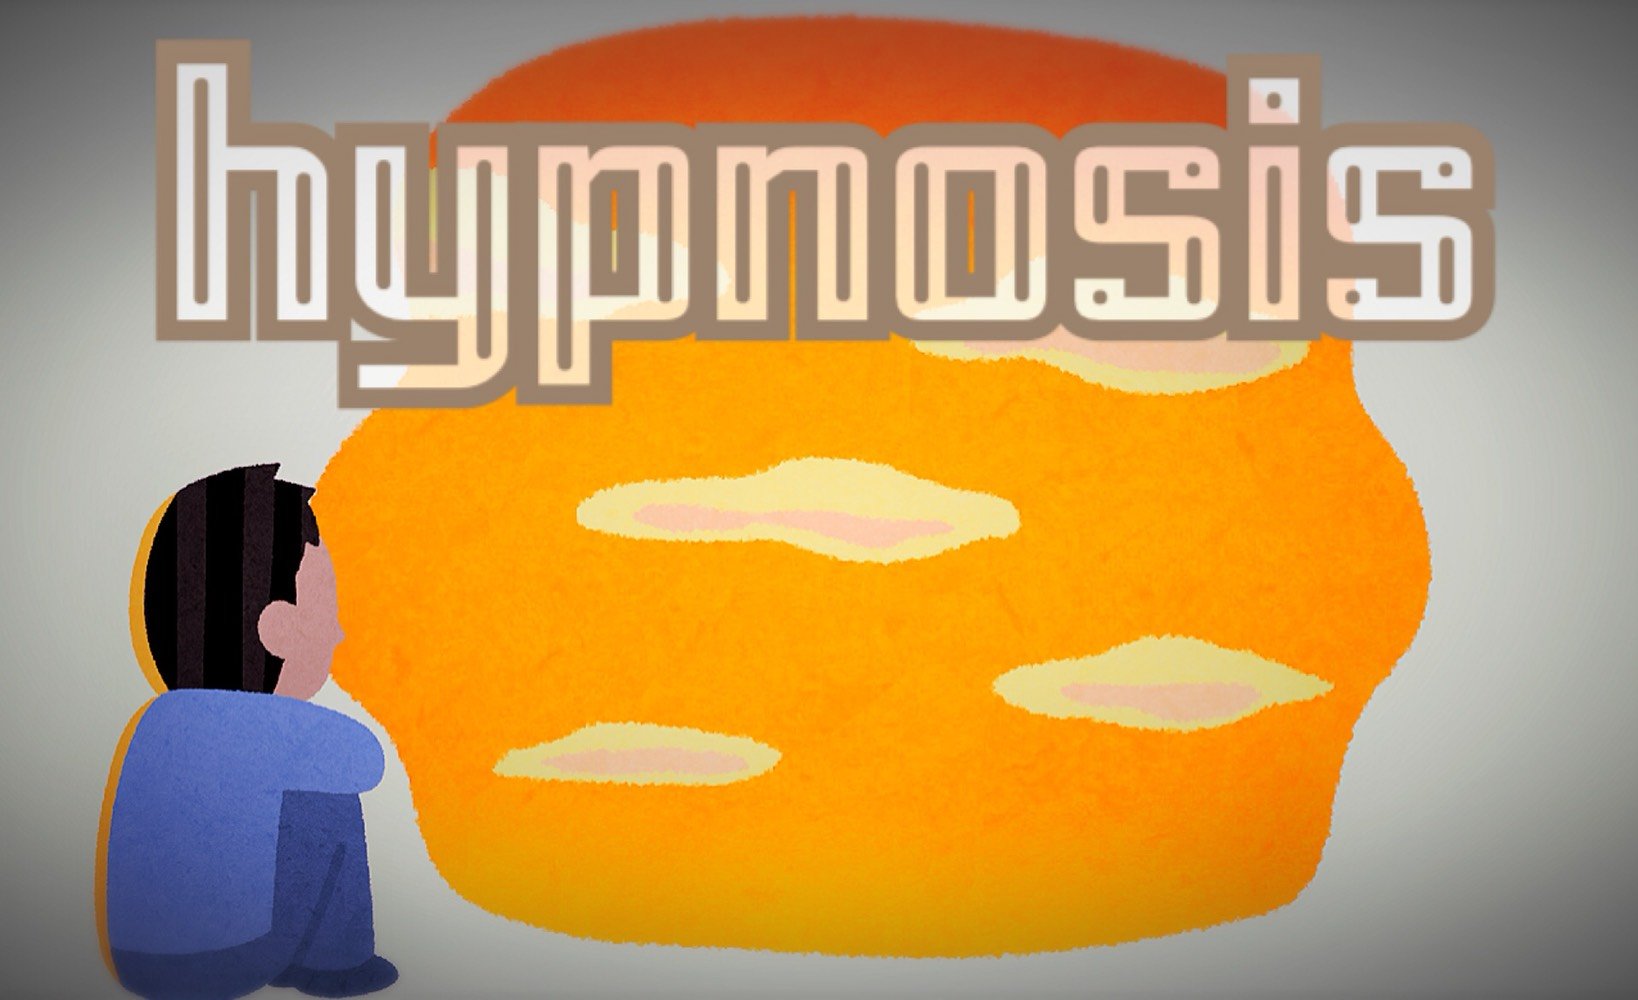 「hypnosis」のイメージ